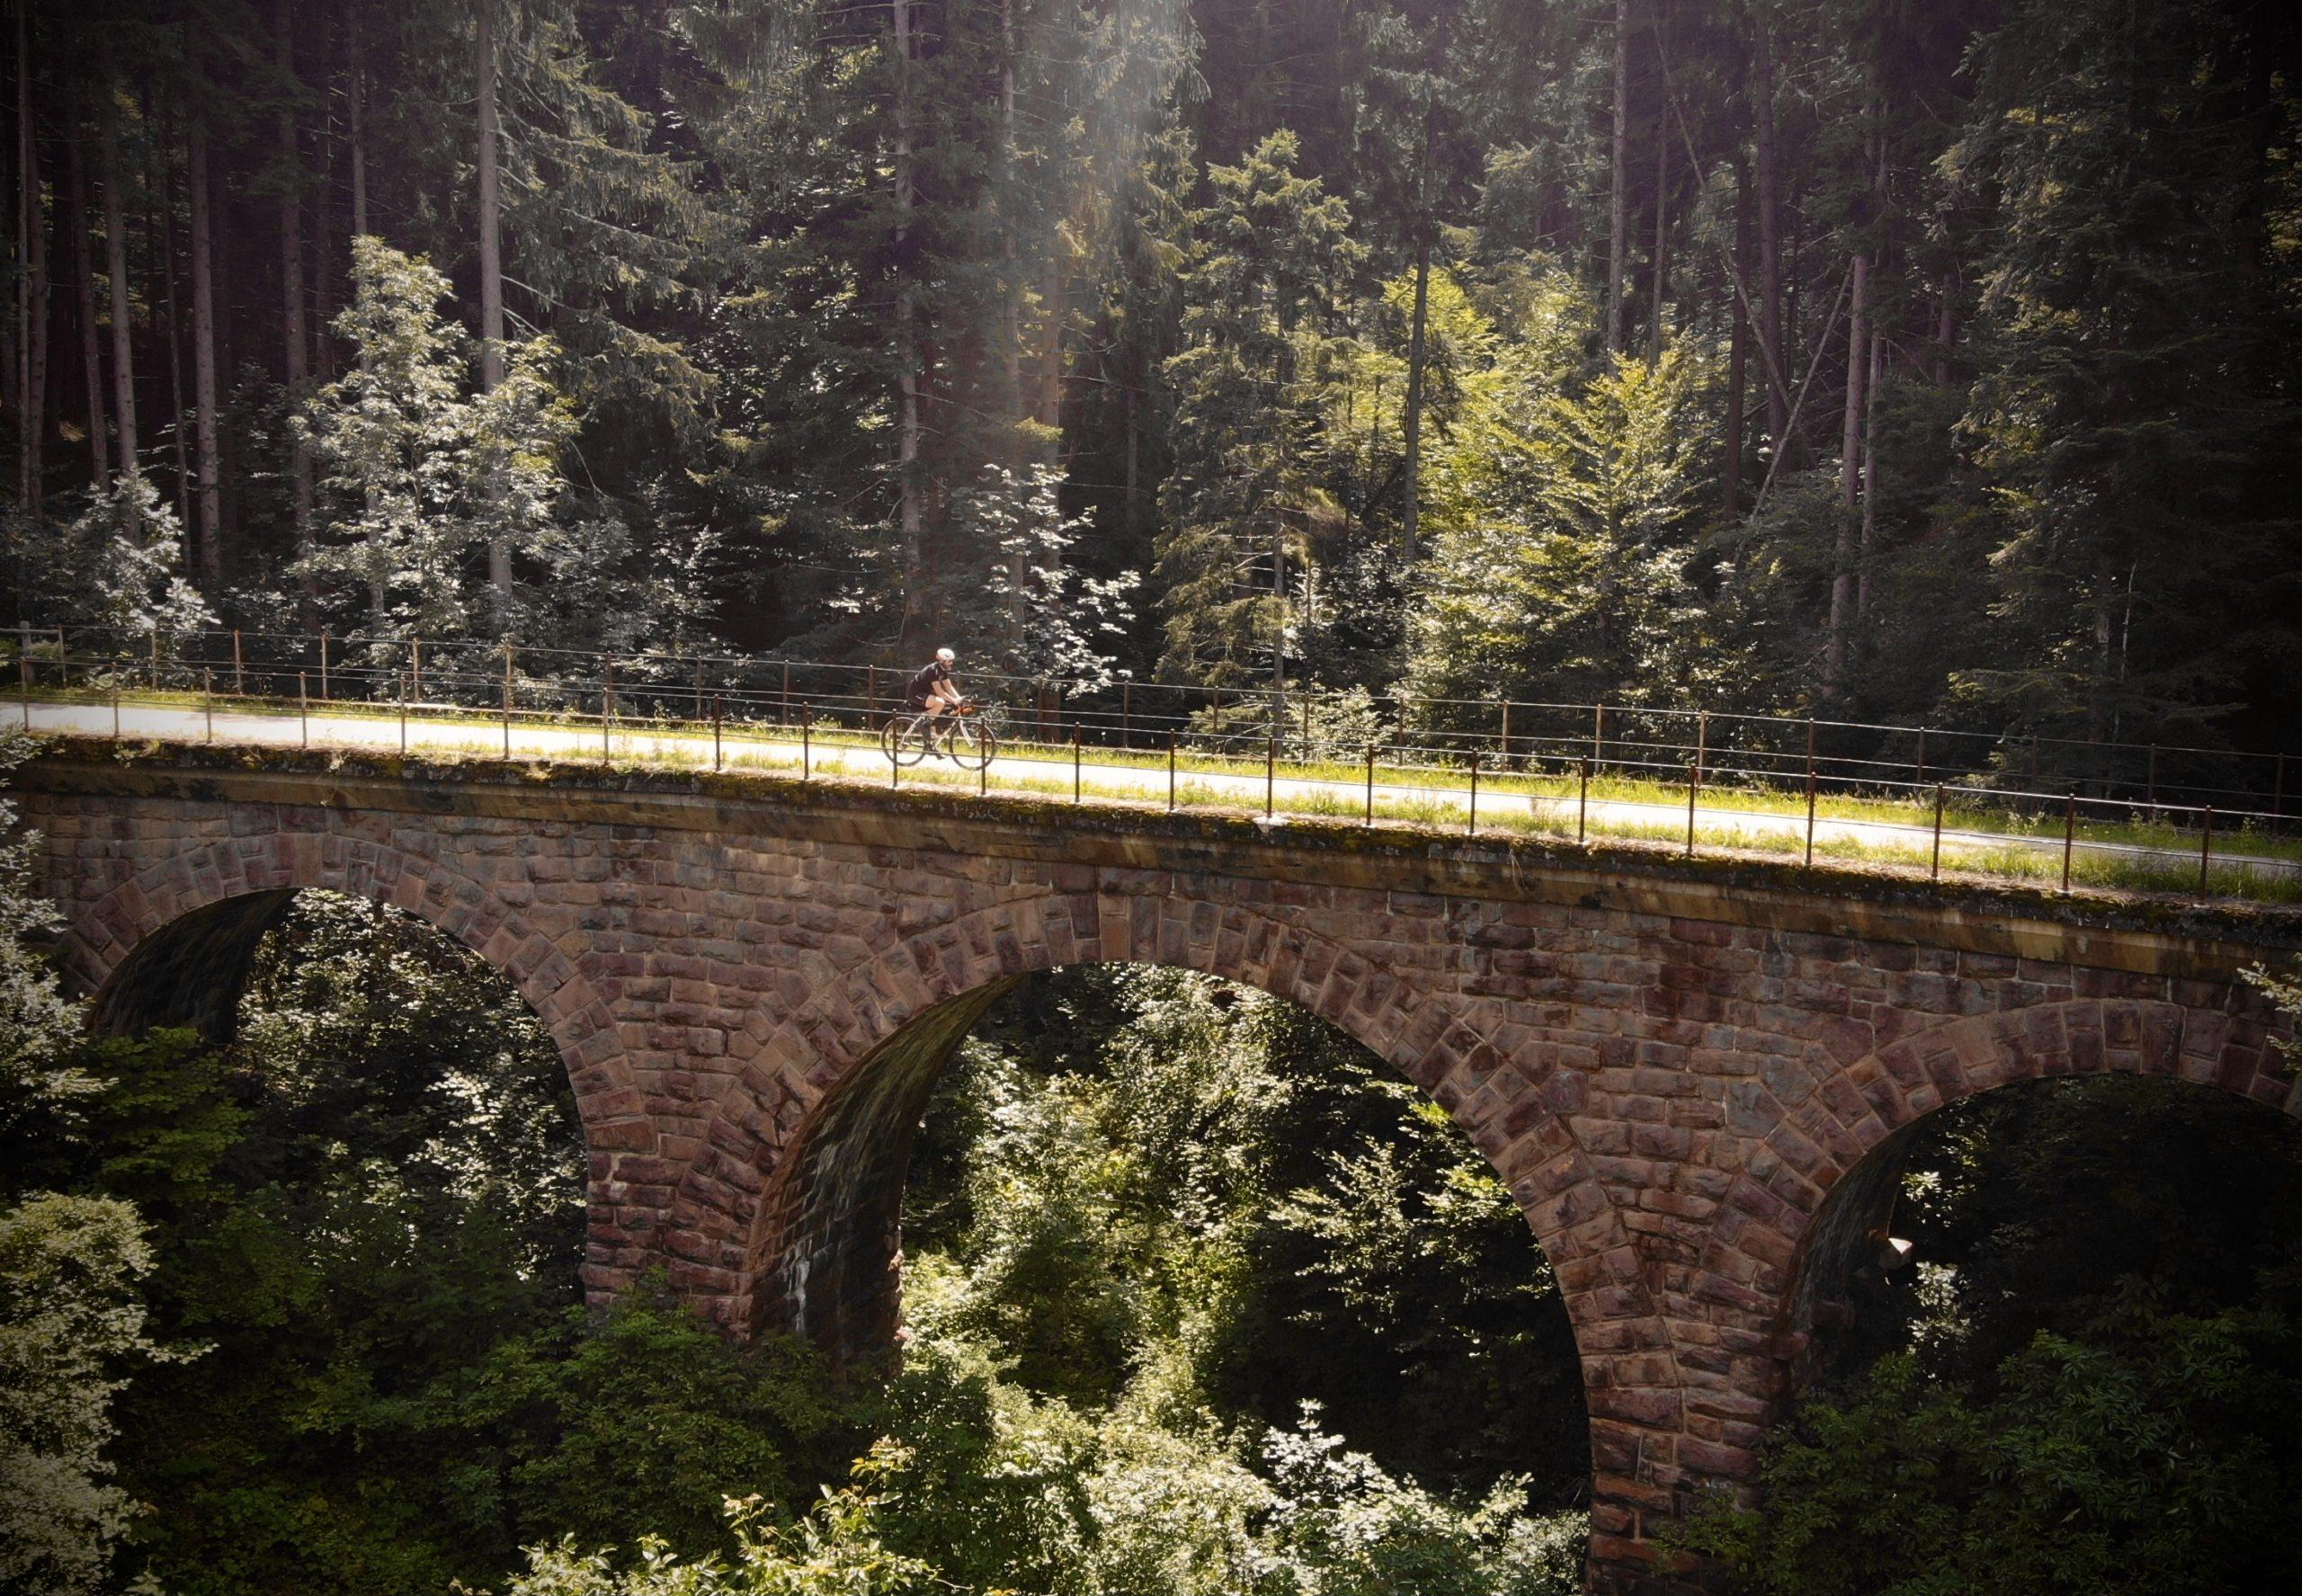 viaggiatore lento, la vecchia ciclabile della Val di Fiemme, cicloturismo in Trentino Alto Adige, itinerari gravel in trentino, piste ciclabili del Trentino Alto Adige, cicloturismo in trentino, itinerari cicloturoistici del Trentino Alto Adige, il trentino in bicicletta, viaggiare in bici in trentino, turismo in trentino, vacanze in bicicletta nella provincia di Trento e Bolzano.